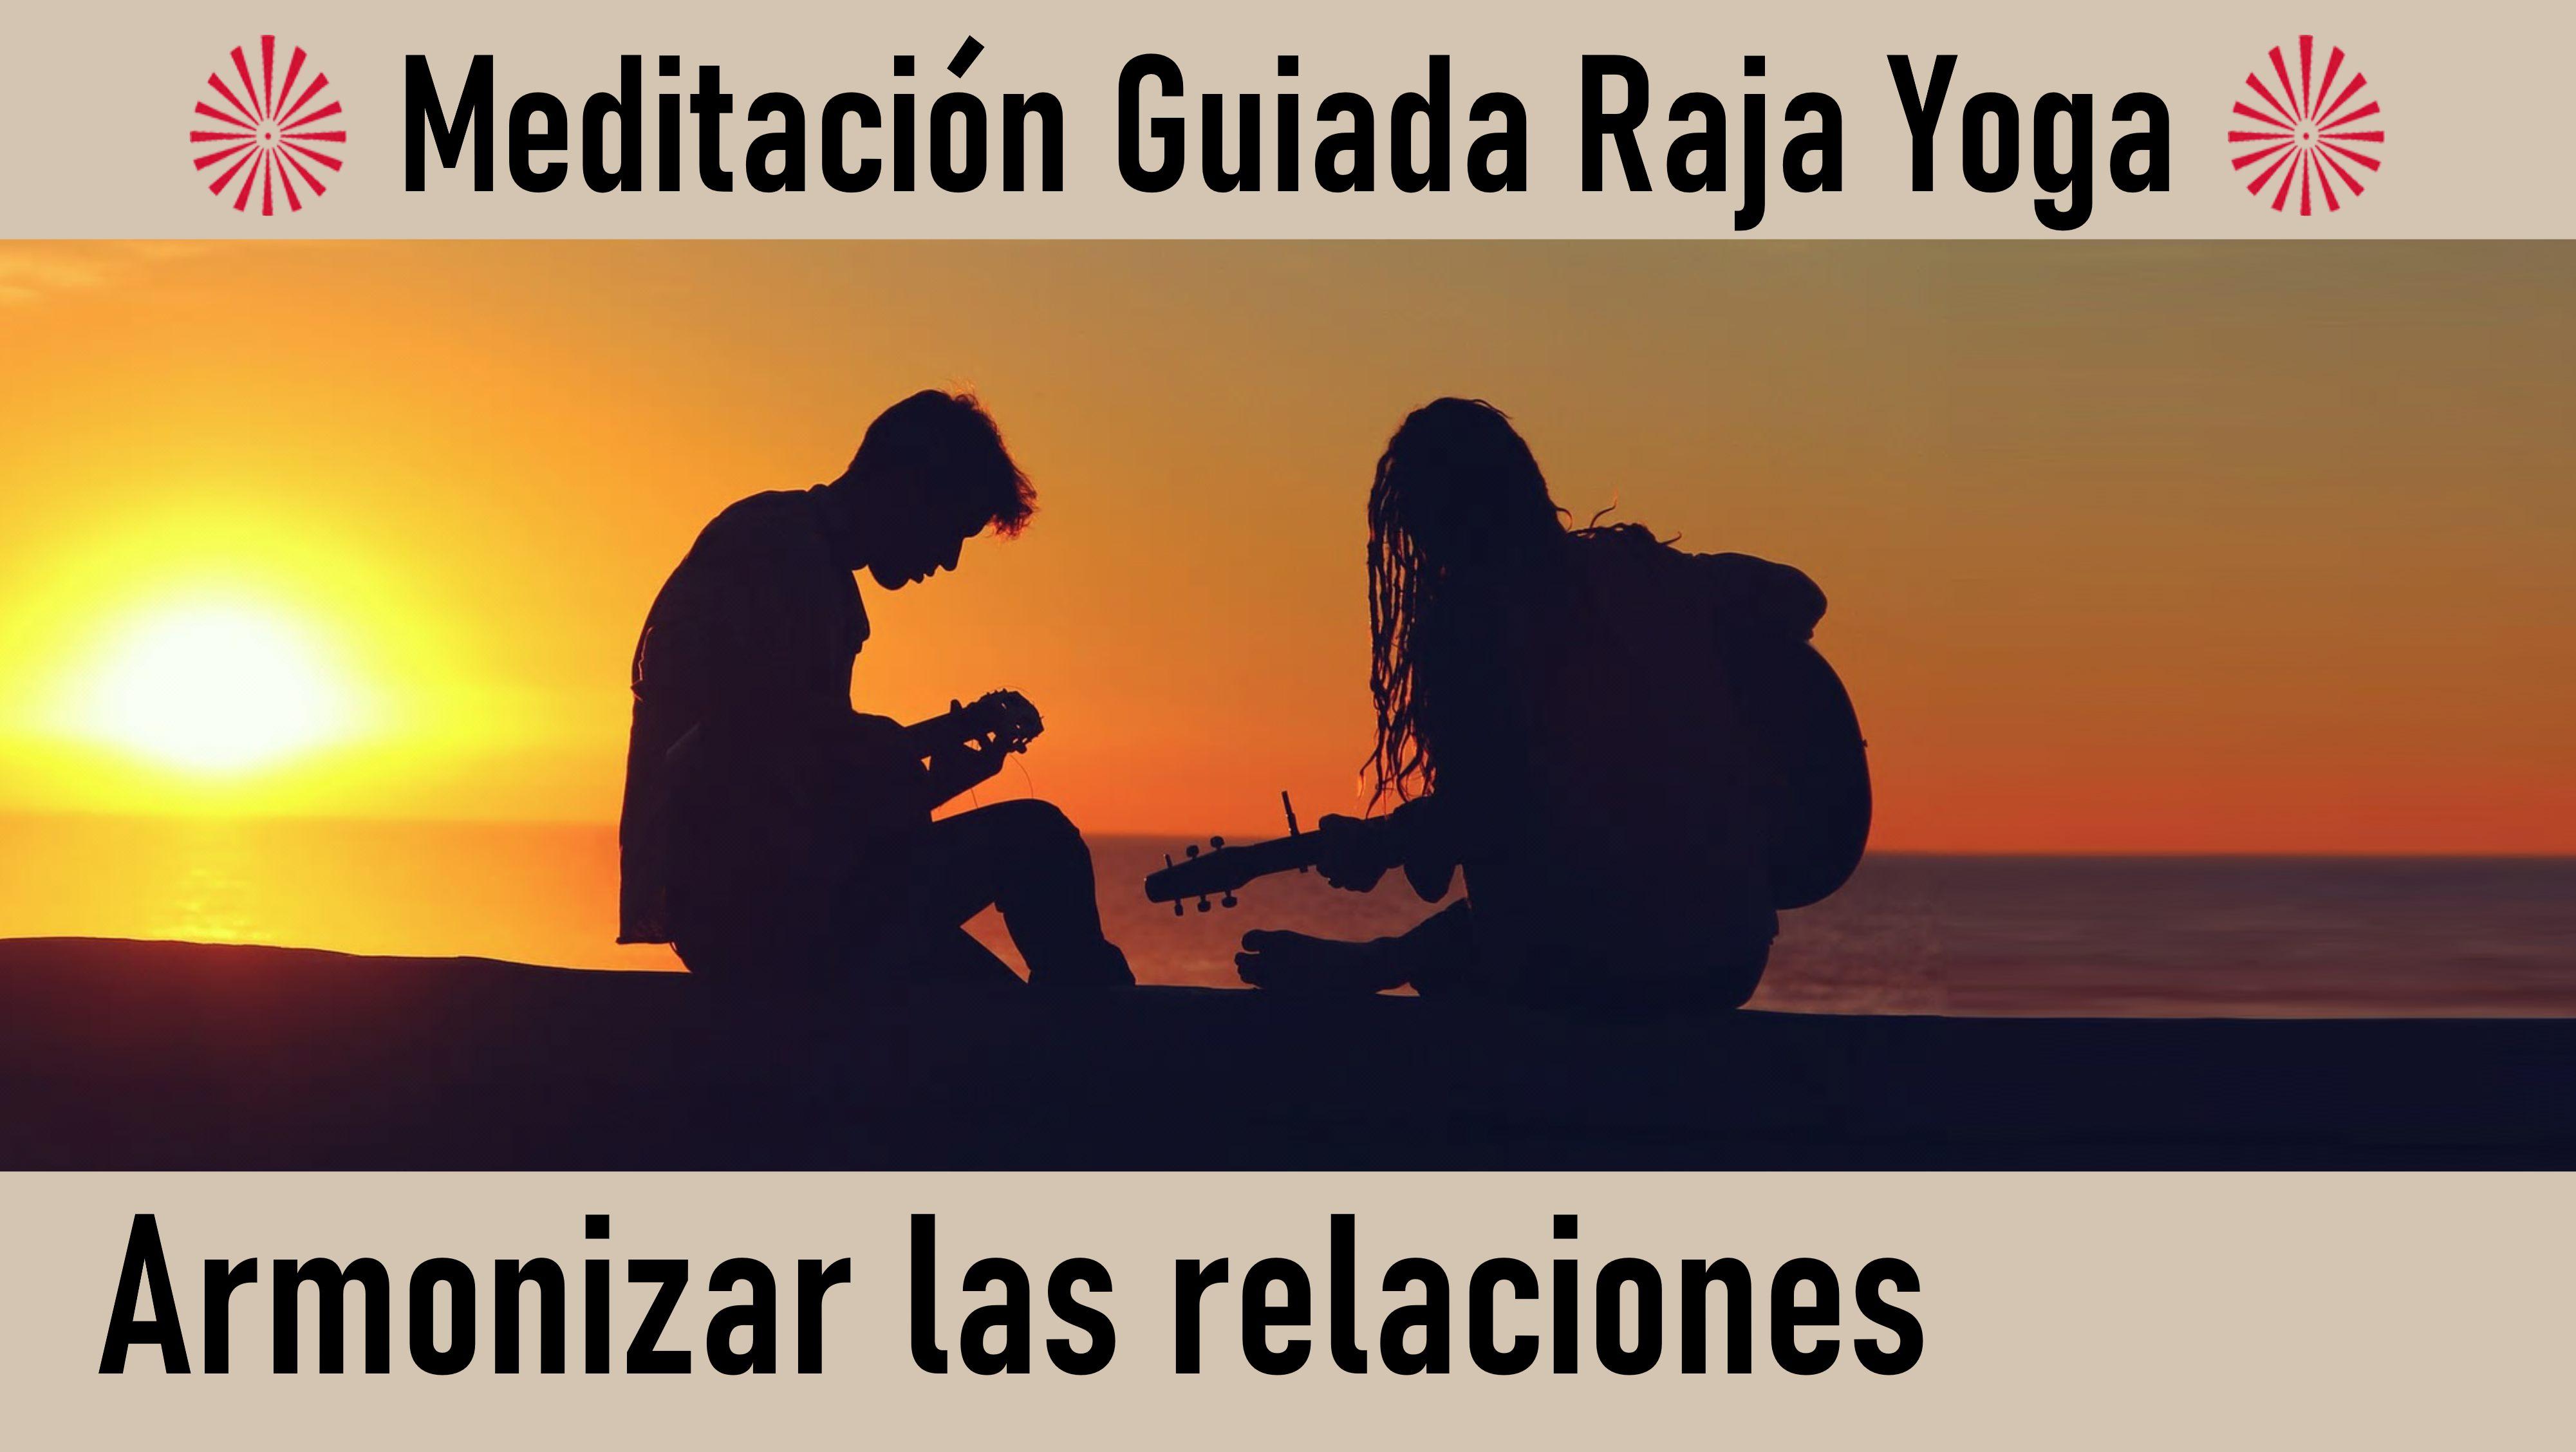 Meditación Raja Yoga: Armonizar las relaciones (1 Julio 2020) On-line desde Madrid